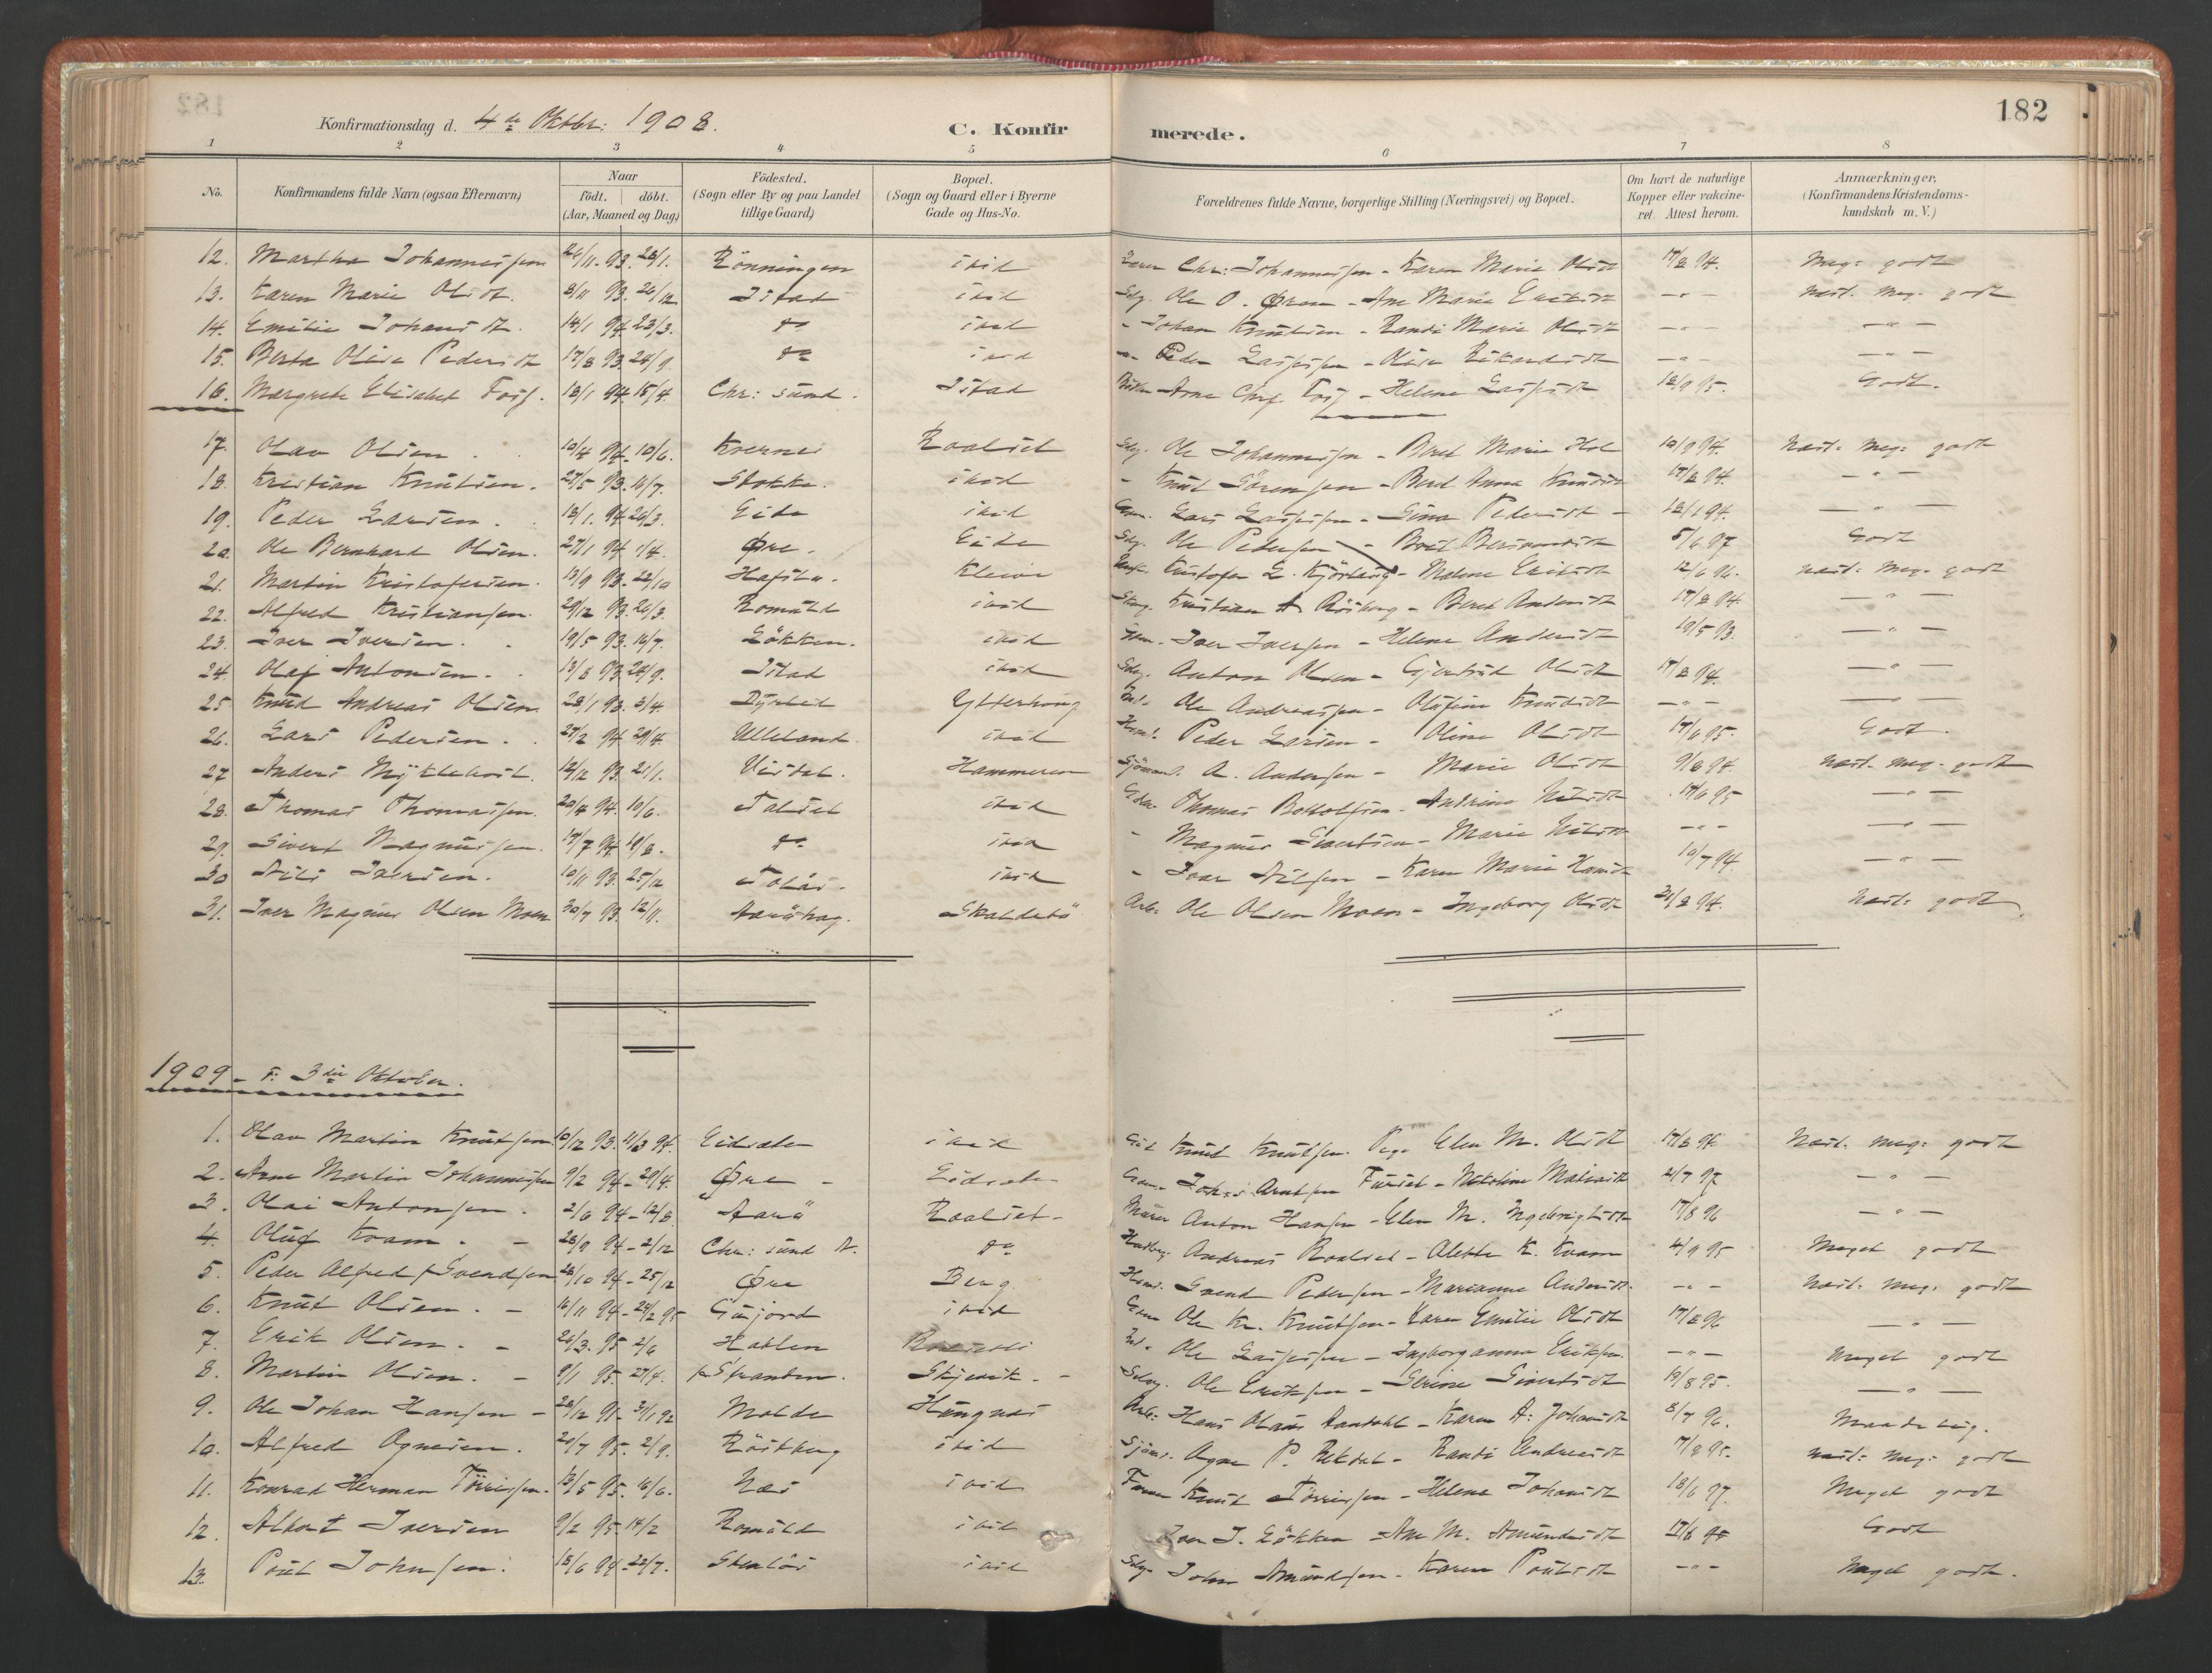 SAT, Ministerialprotokoller, klokkerbøker og fødselsregistre - Møre og Romsdal, 557/L0682: Ministerialbok nr. 557A04, 1887-1970, s. 182